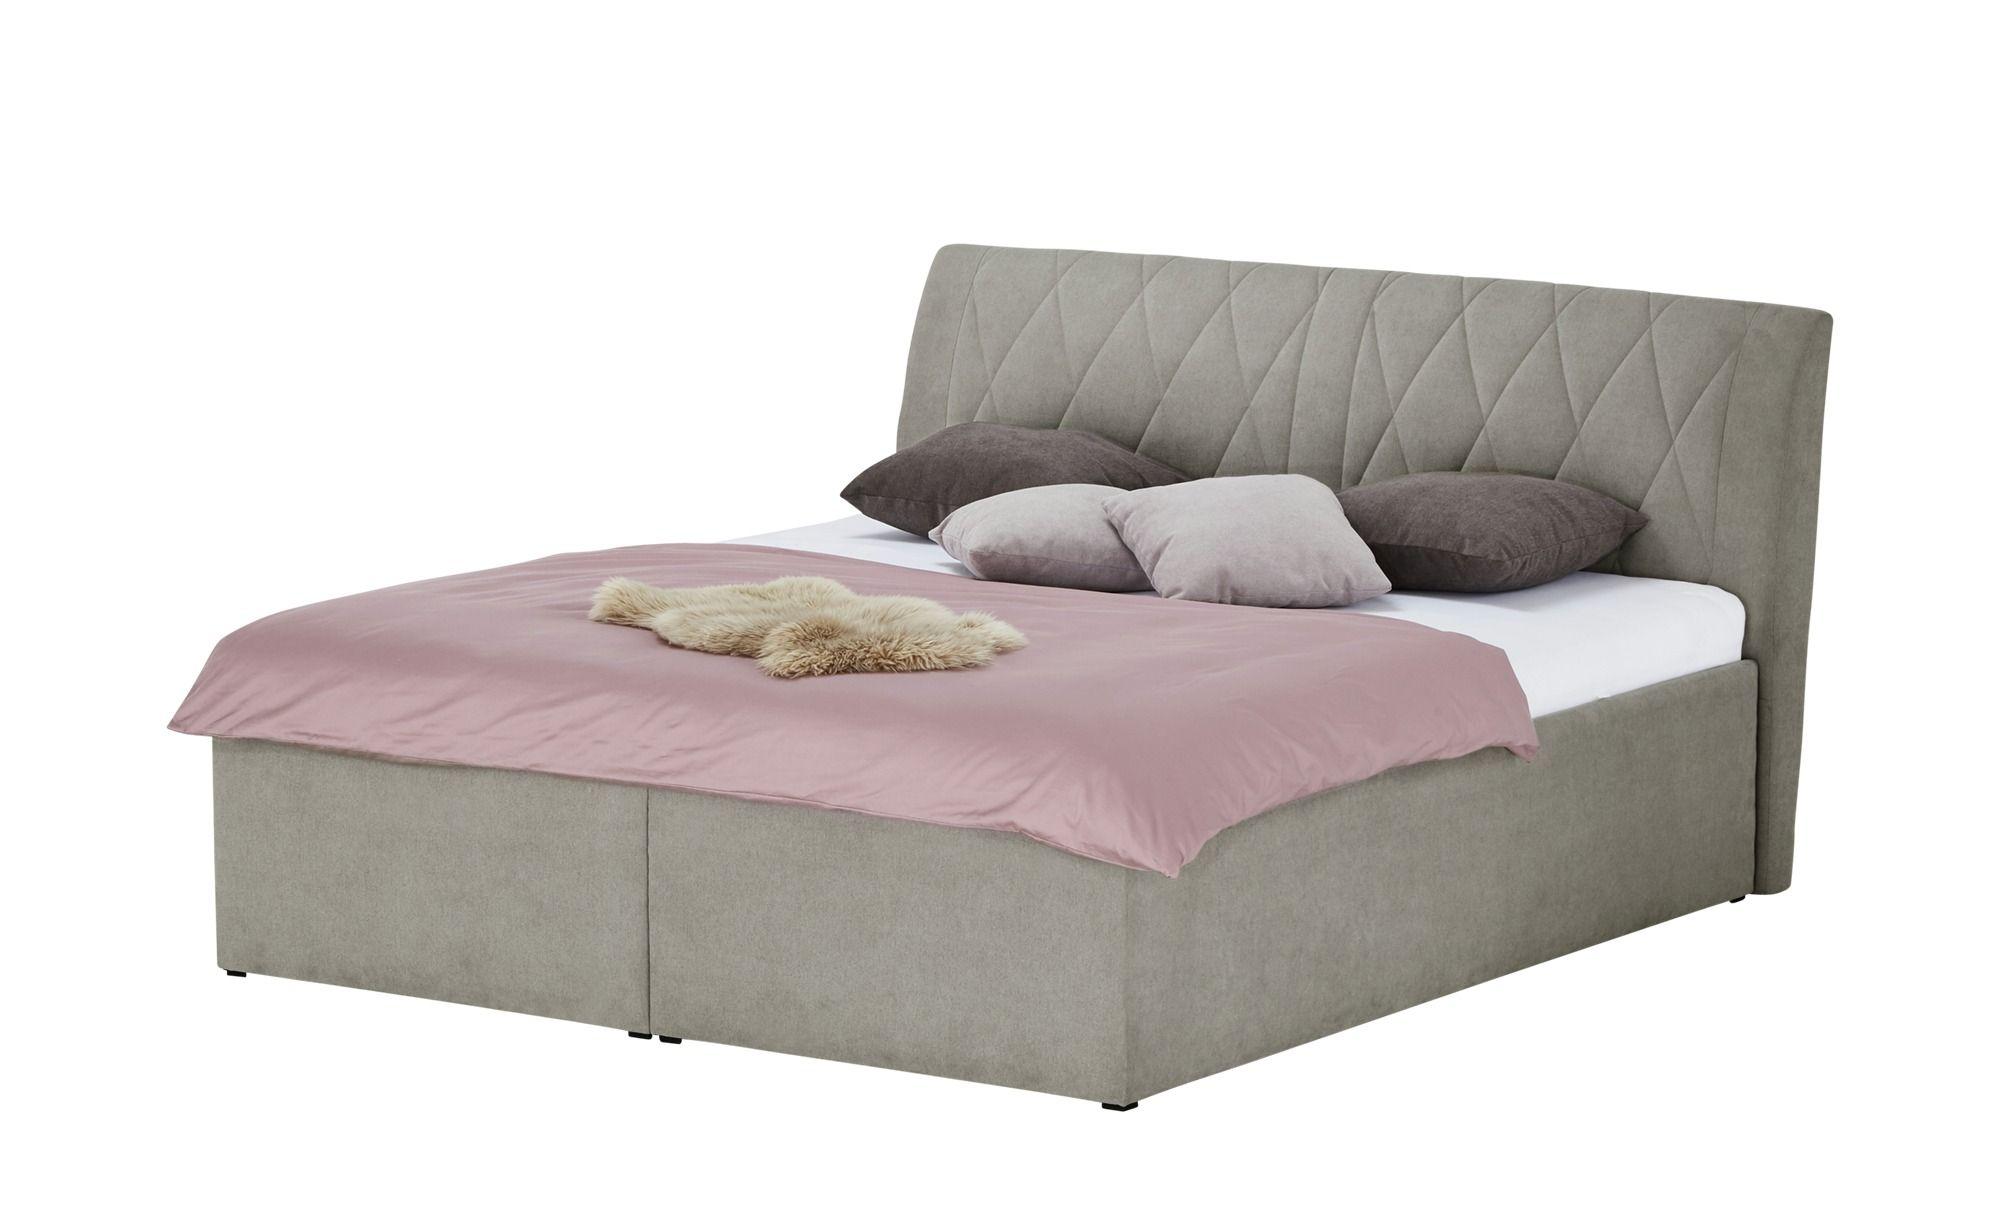 Polsterbett Leonie Polsterbett, Polster und Bett möbel